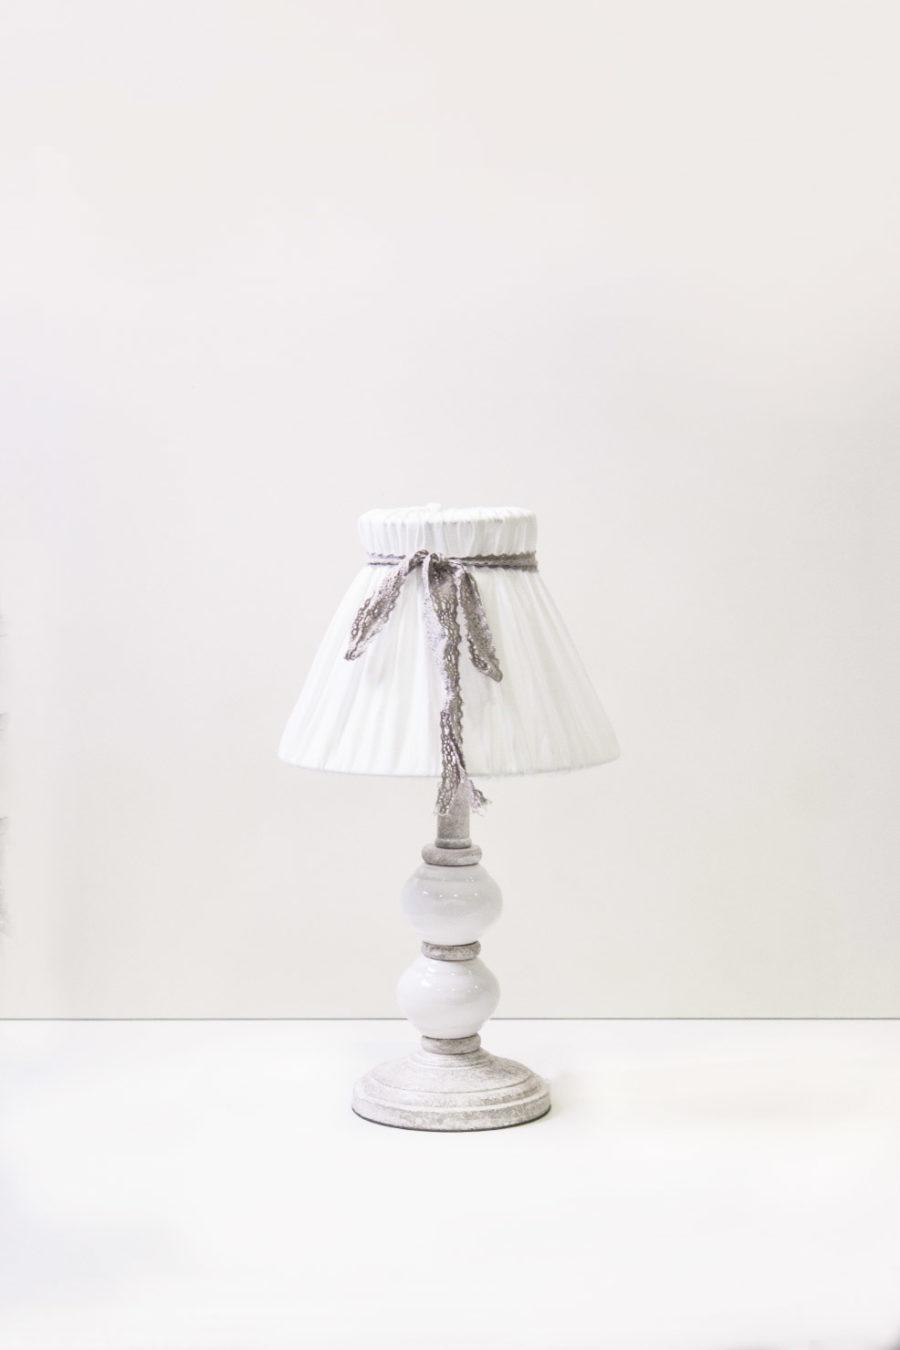 lampada-da-tavolo-con-base-in-legno-e-ceramica-bianca-paralume-tessuto-stile-shabby-chic-keyhomestore-8052286784091